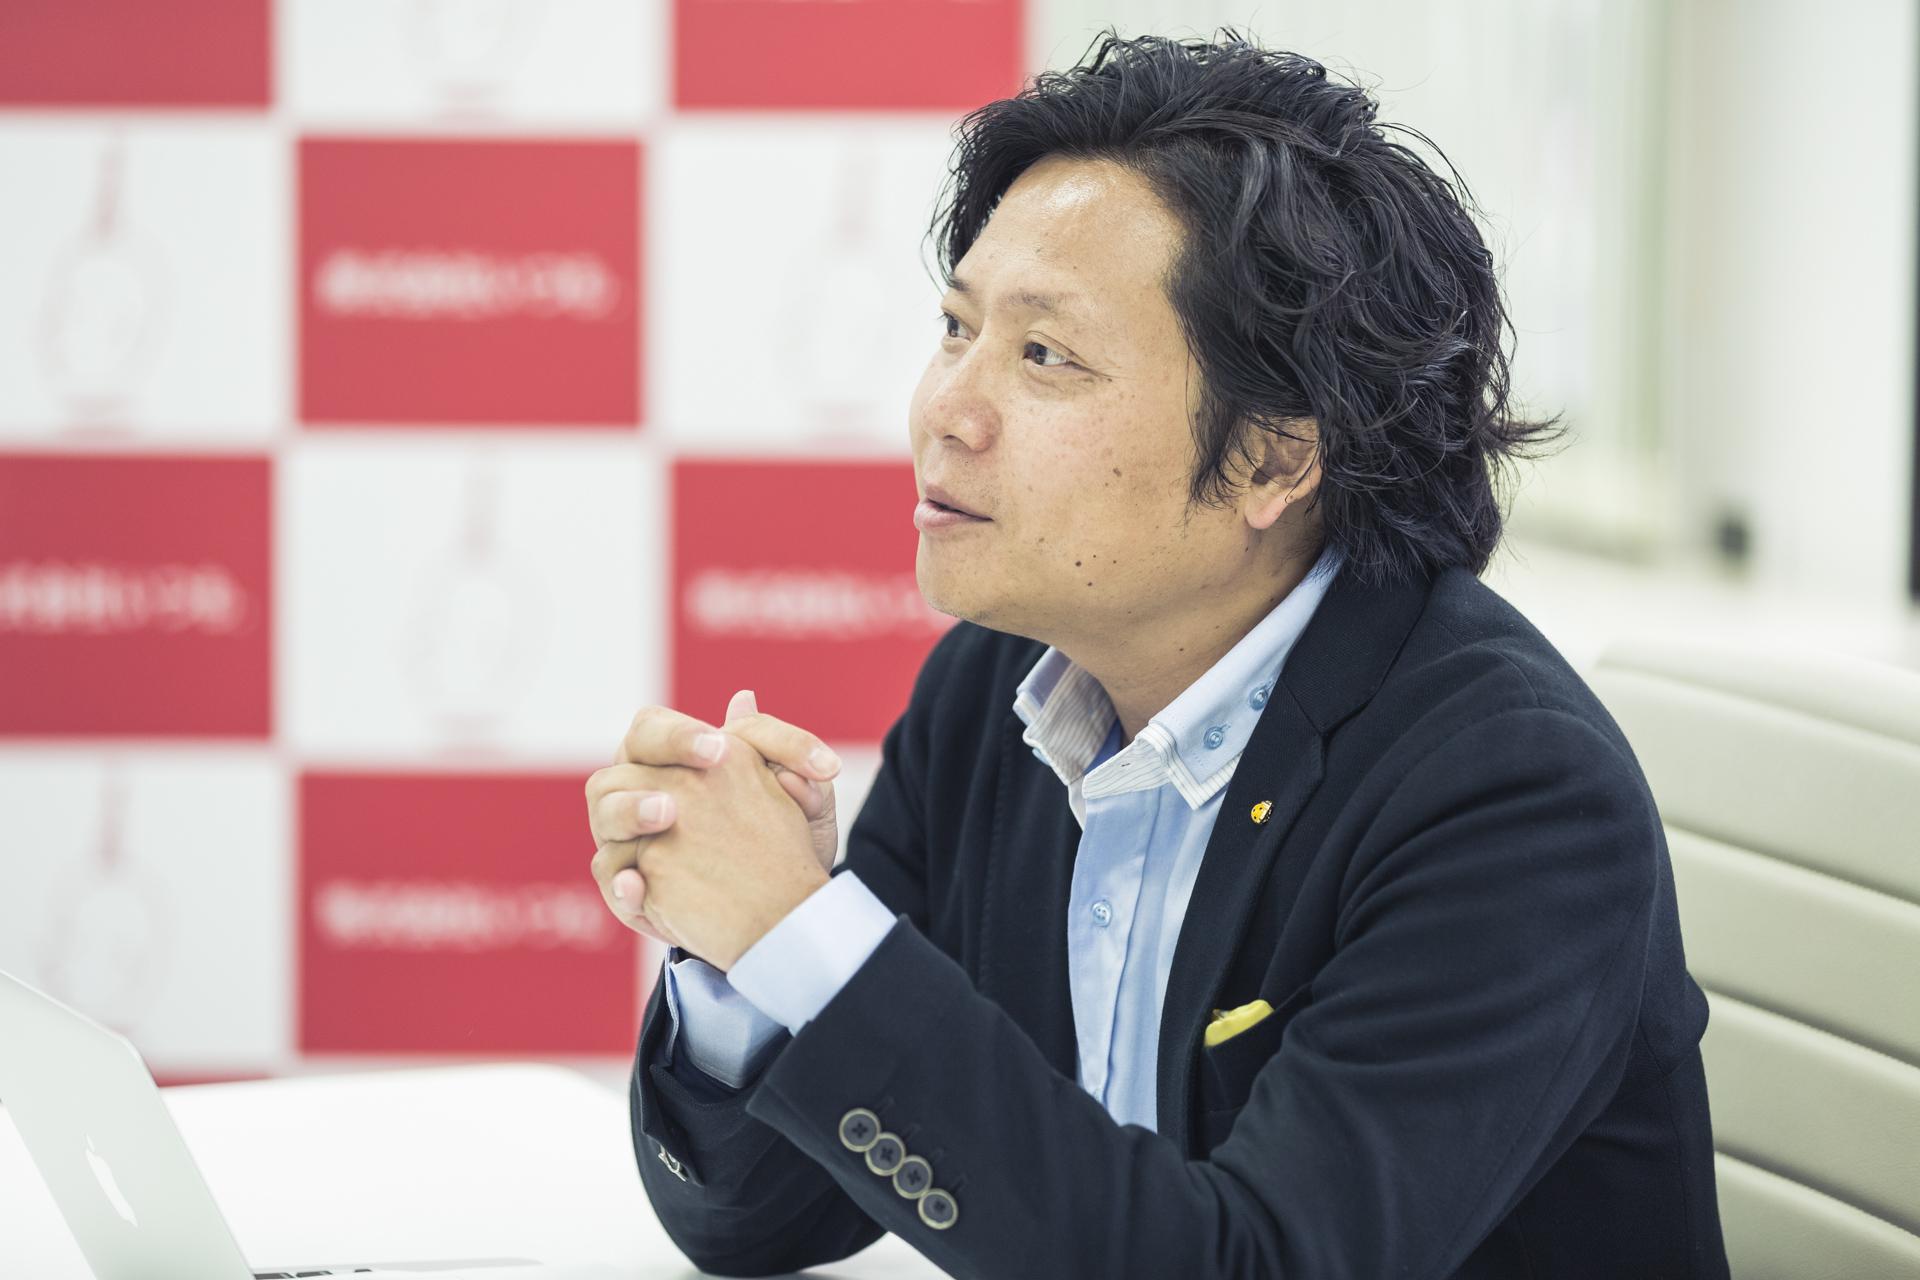 代表取締役 坂本 守 インタビュー②「いつも.の仕事」